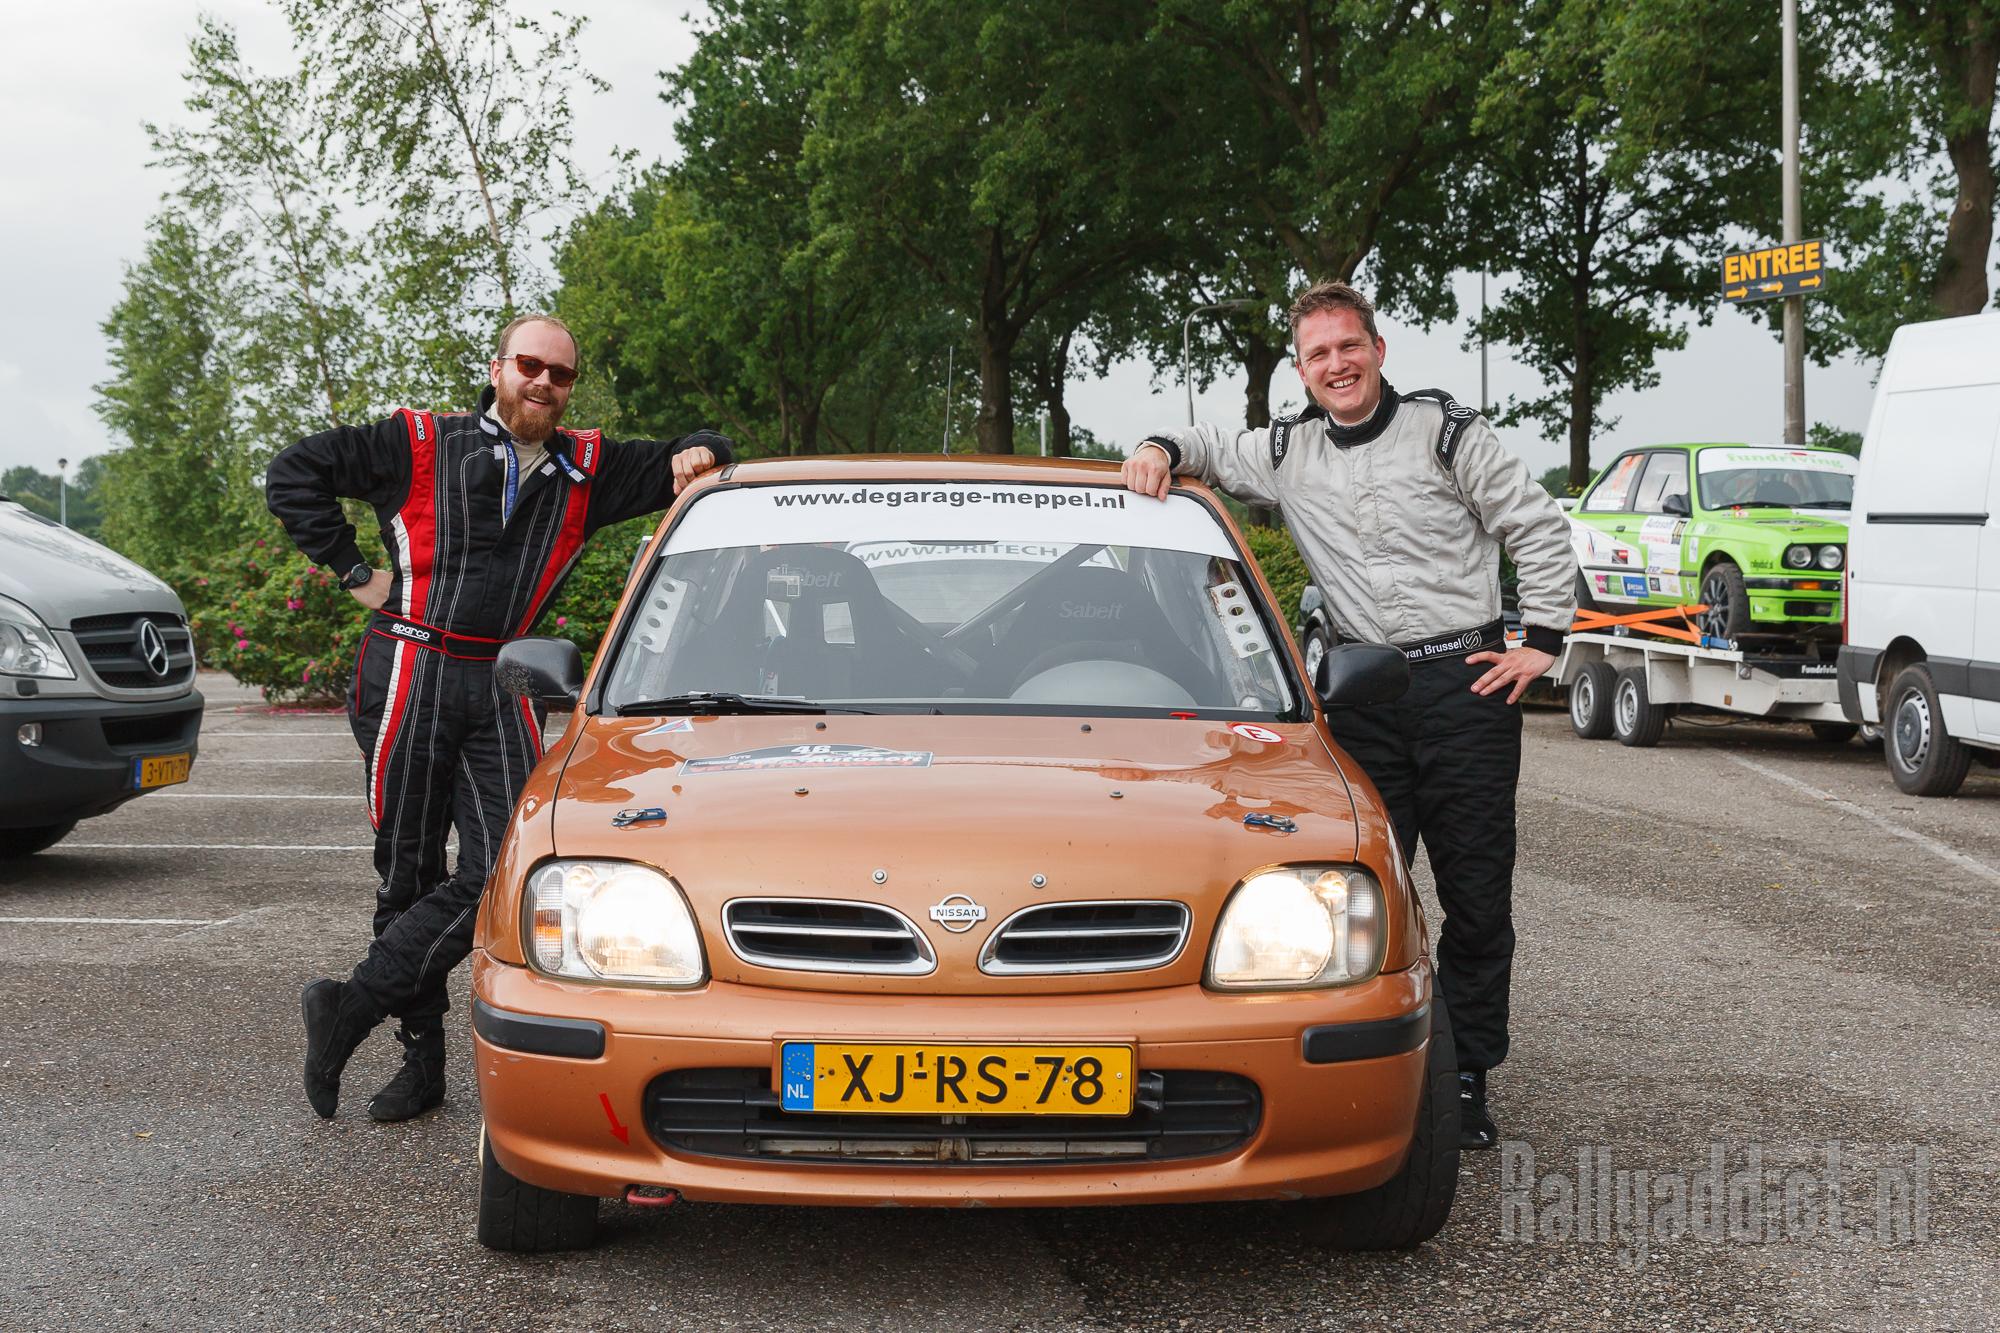 Ivo_Rijniersce-rallyaddict-vechtdal-IR1D0993